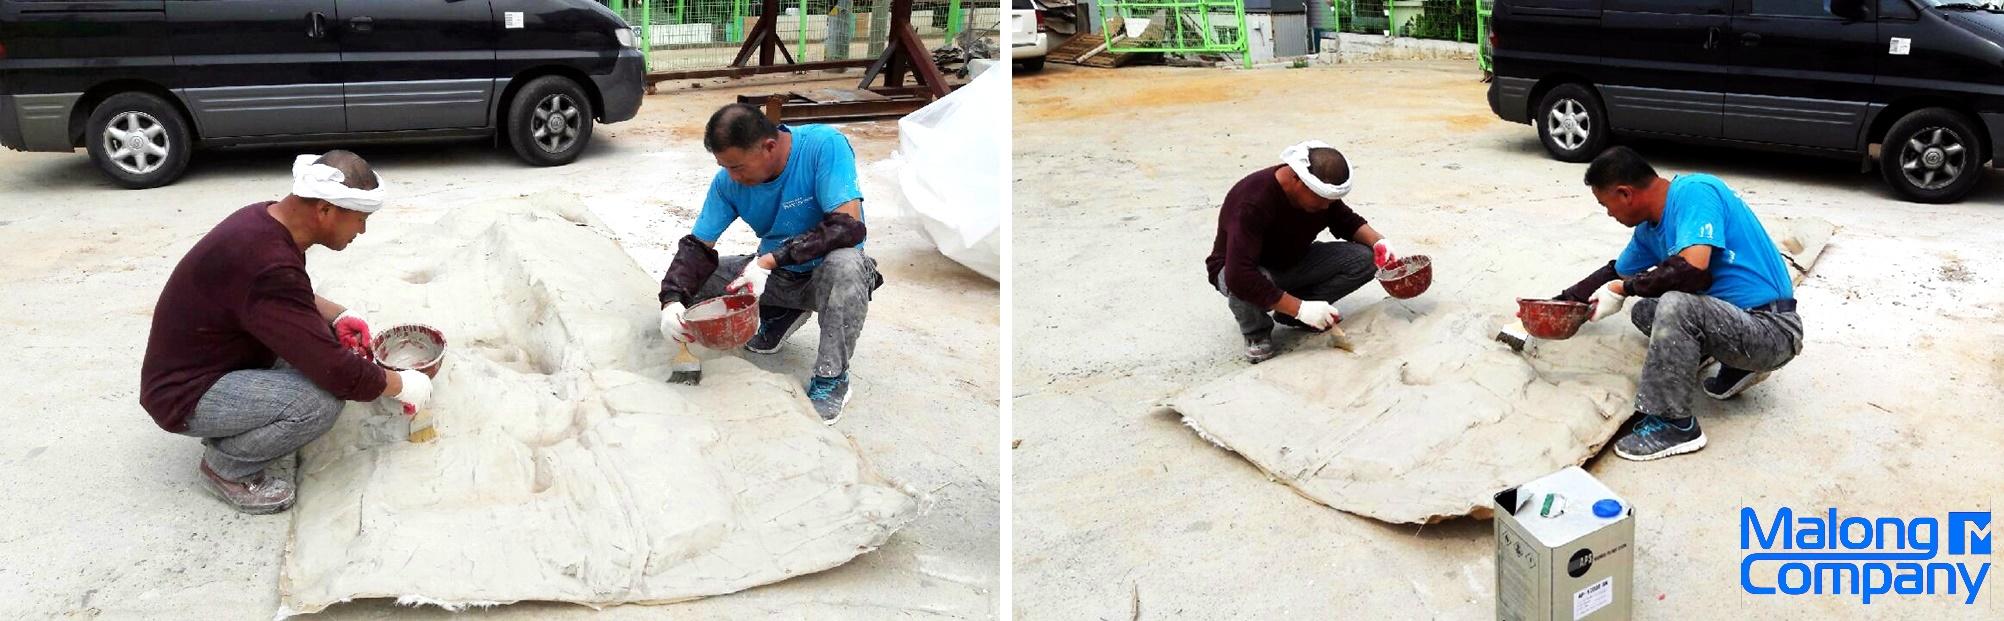 인공 폭포 인공 바위 인조 나무 석재 조형물 제작 대형 조형물 설계 포토존 조형물 FRP 모형 제작 스티로폼 모형 옥외 조형물 야외 조형물